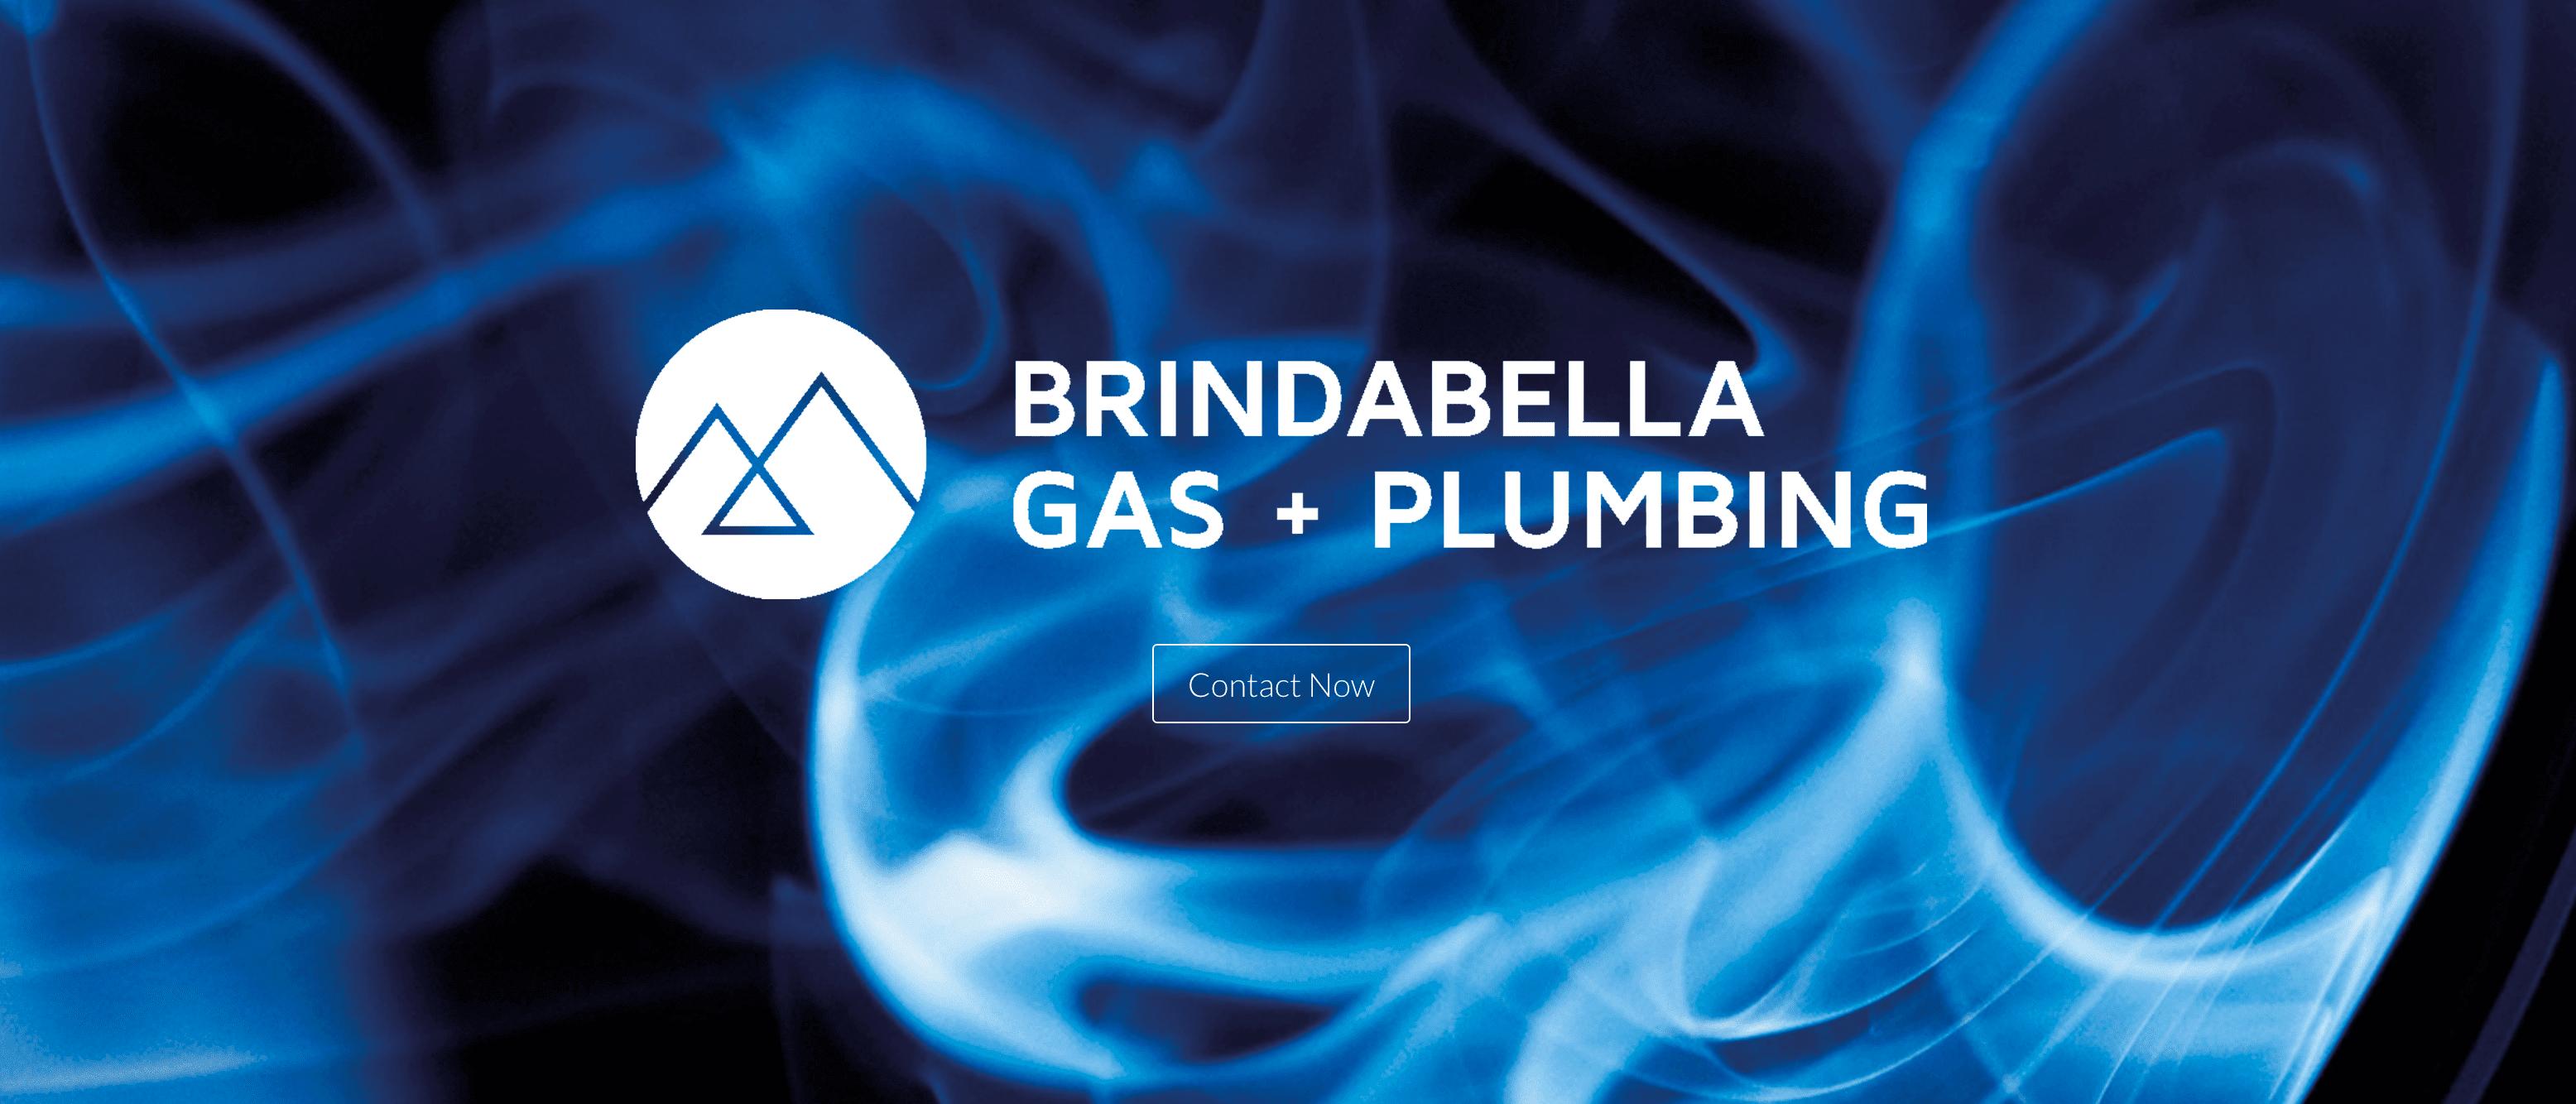 The Brindabella homepage.